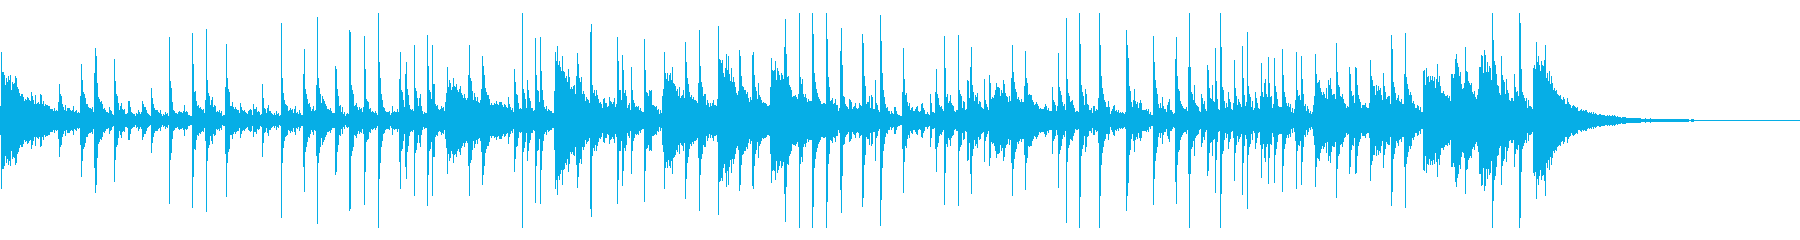 ドラム:ジャングルビートの再生済みの波形